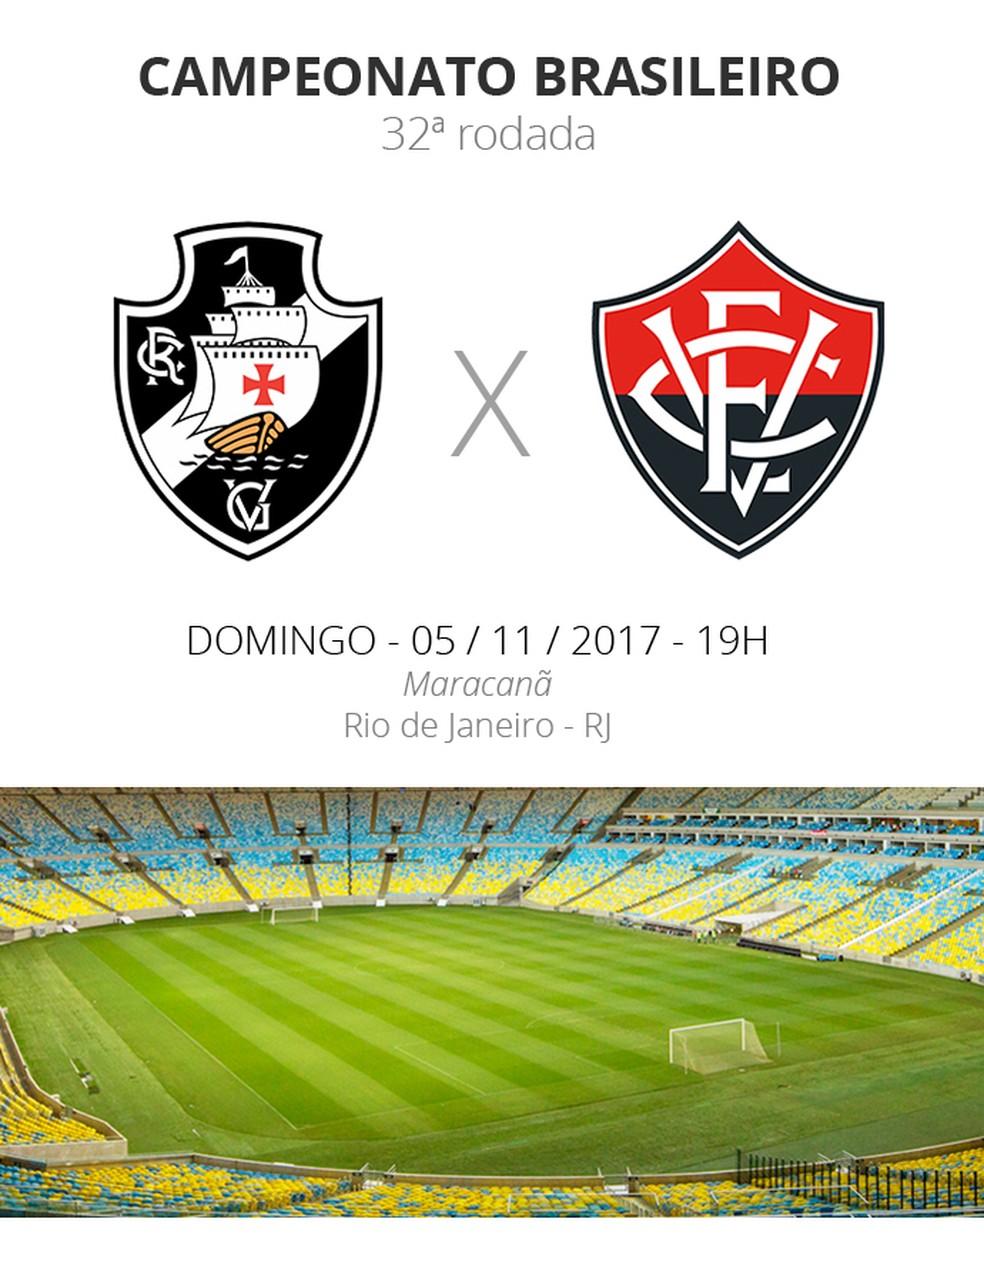 FICHA dos jogos Vasco x Vitória (Foto: Infoesporte)